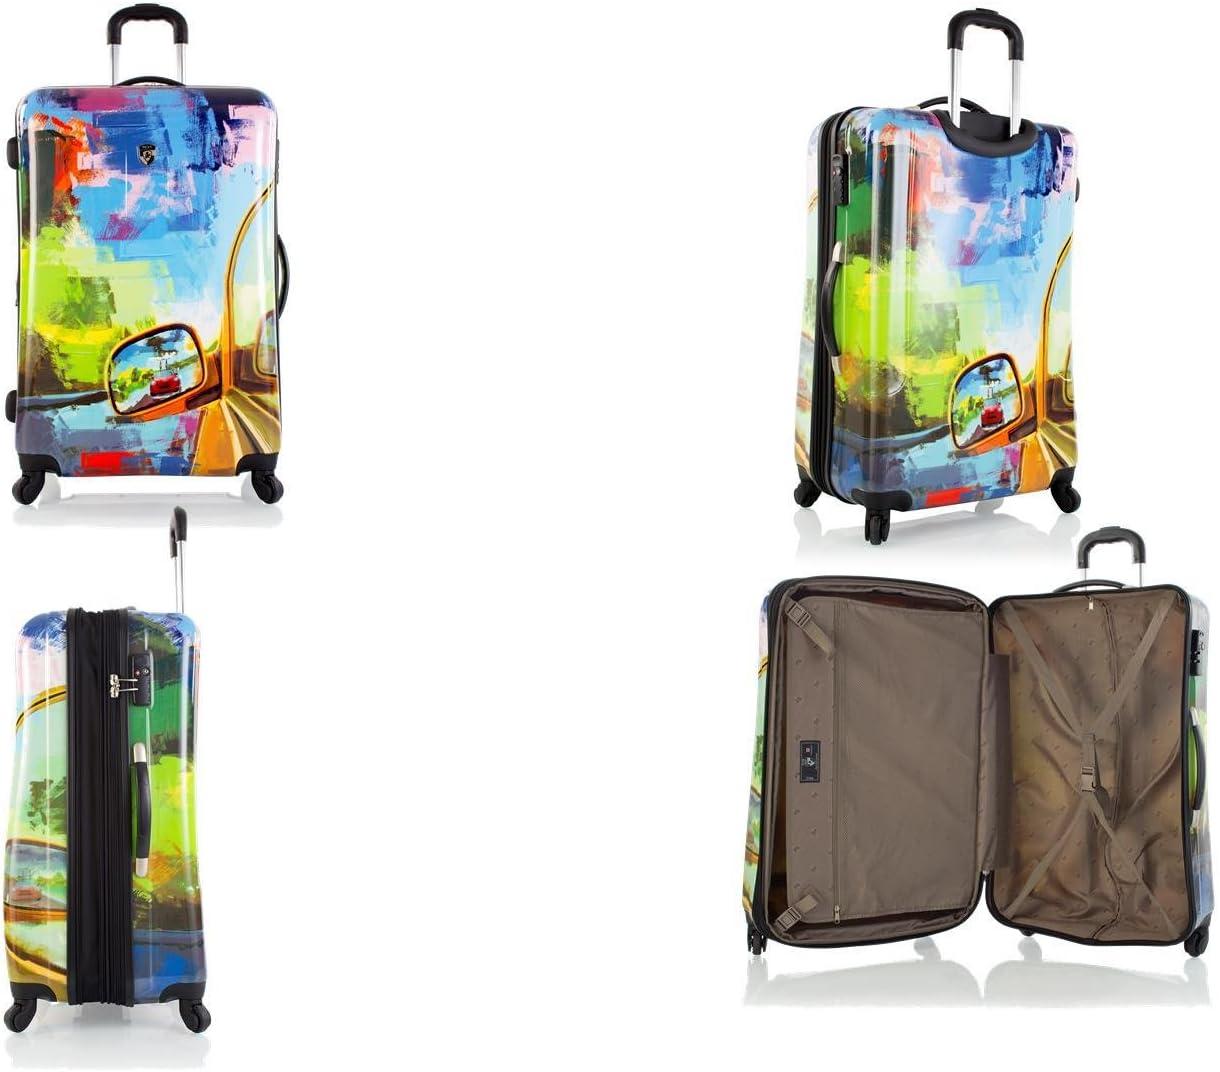 Heys America Cruise -3Pc Luggage Set Patterned-Multi